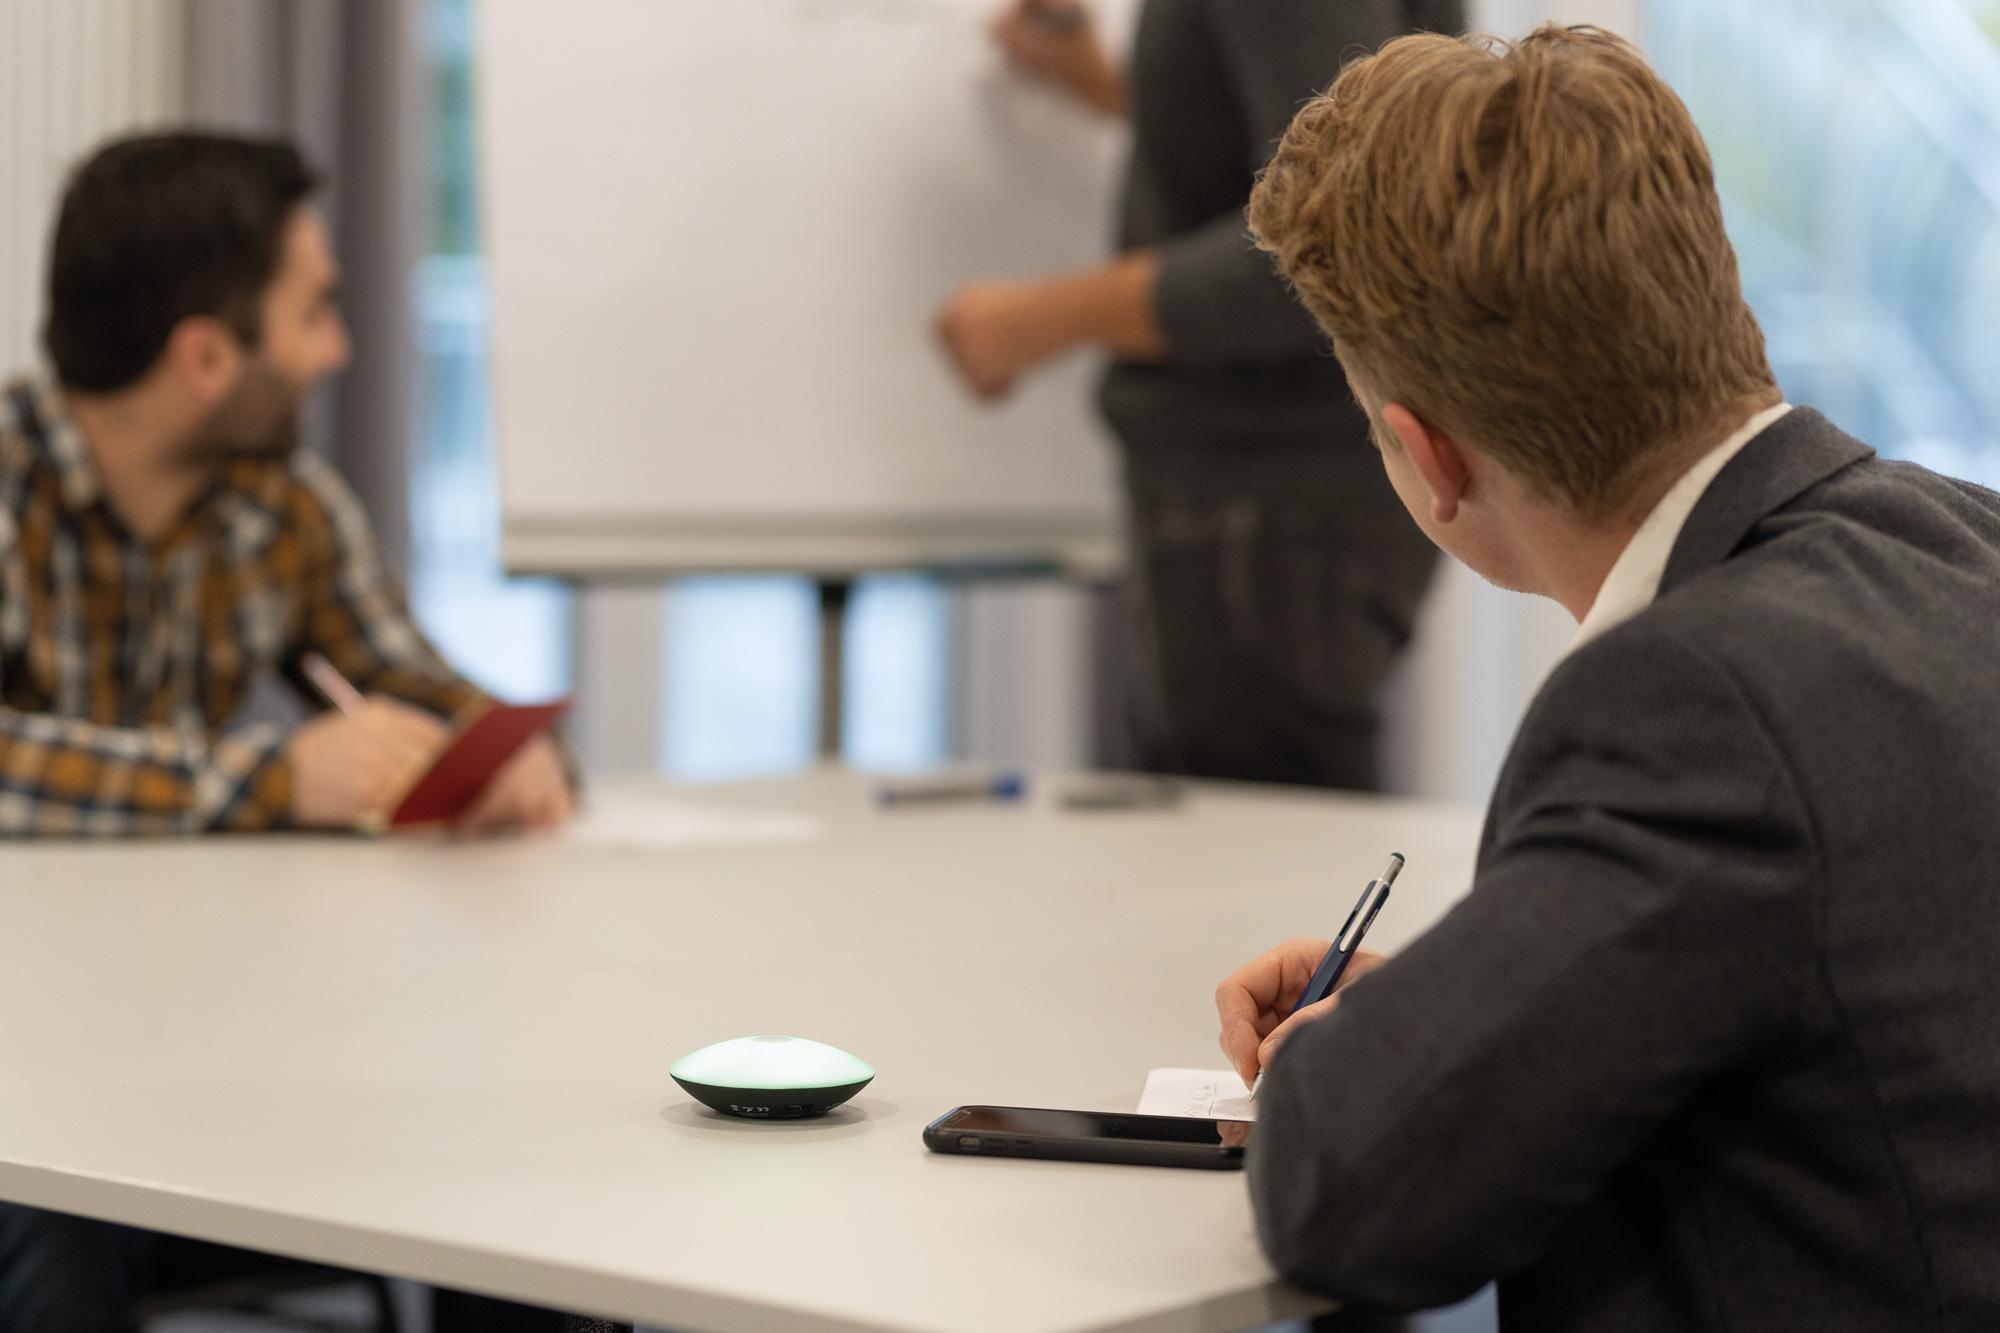 Junge Männer hören Präsentation zu und machen Notizen. Handy und TROIKA Meeting Timer liegen auf dem Tisch.